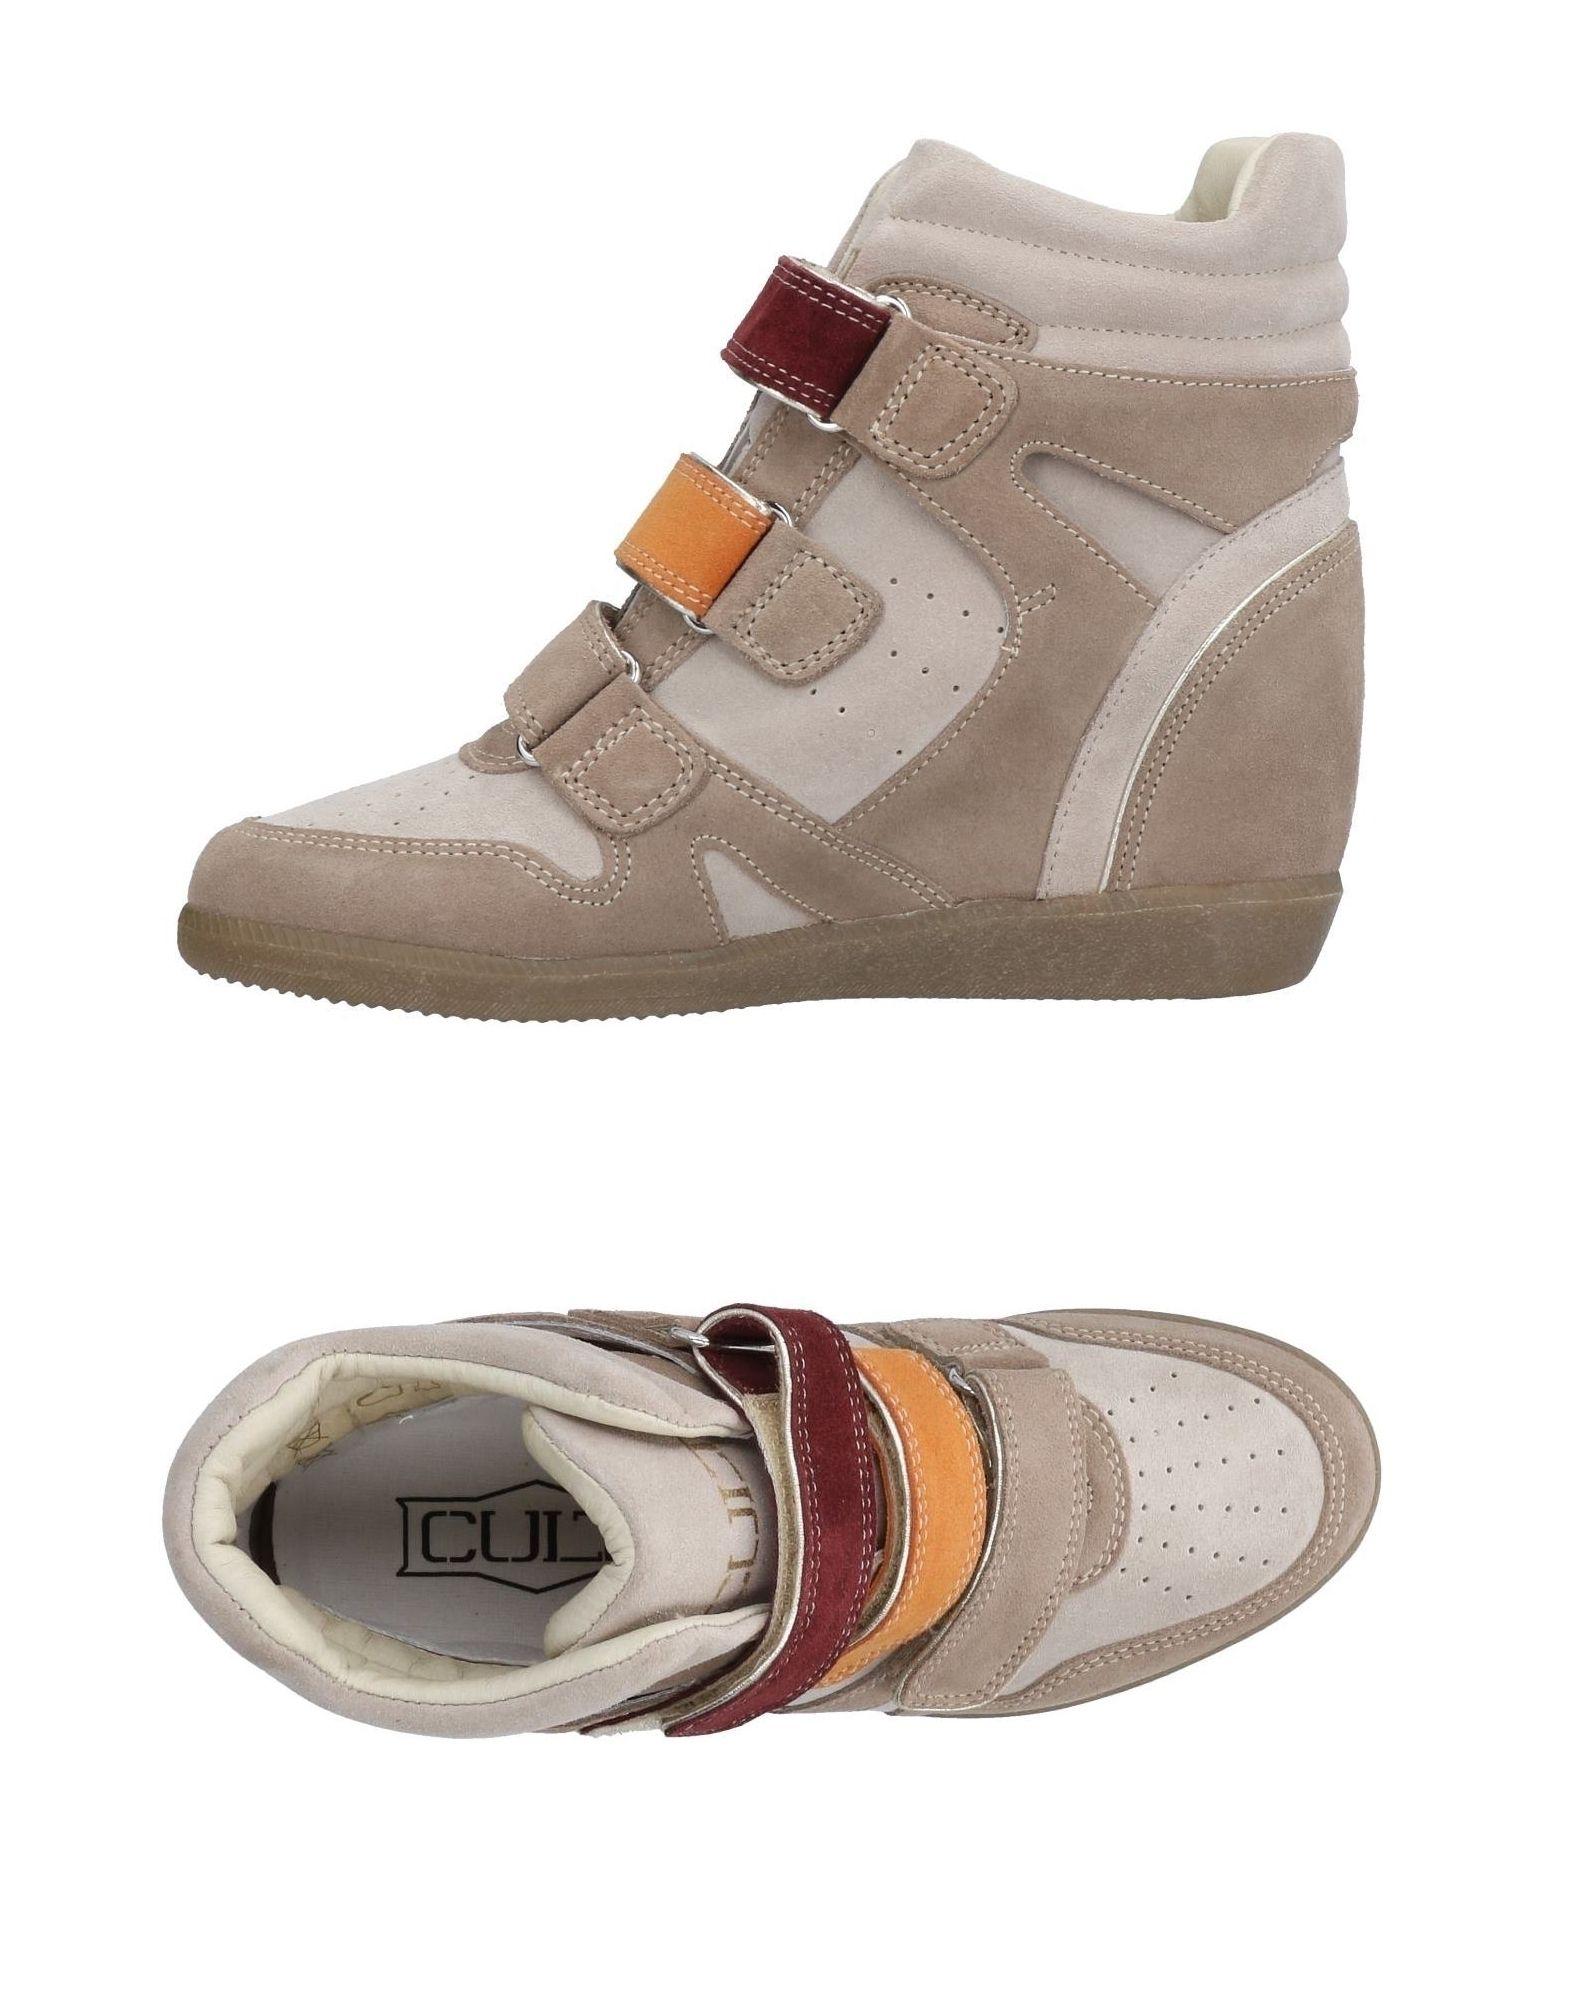 Cult Sneakers Damen  11502795IE Gute Qualität beliebte Schuhe